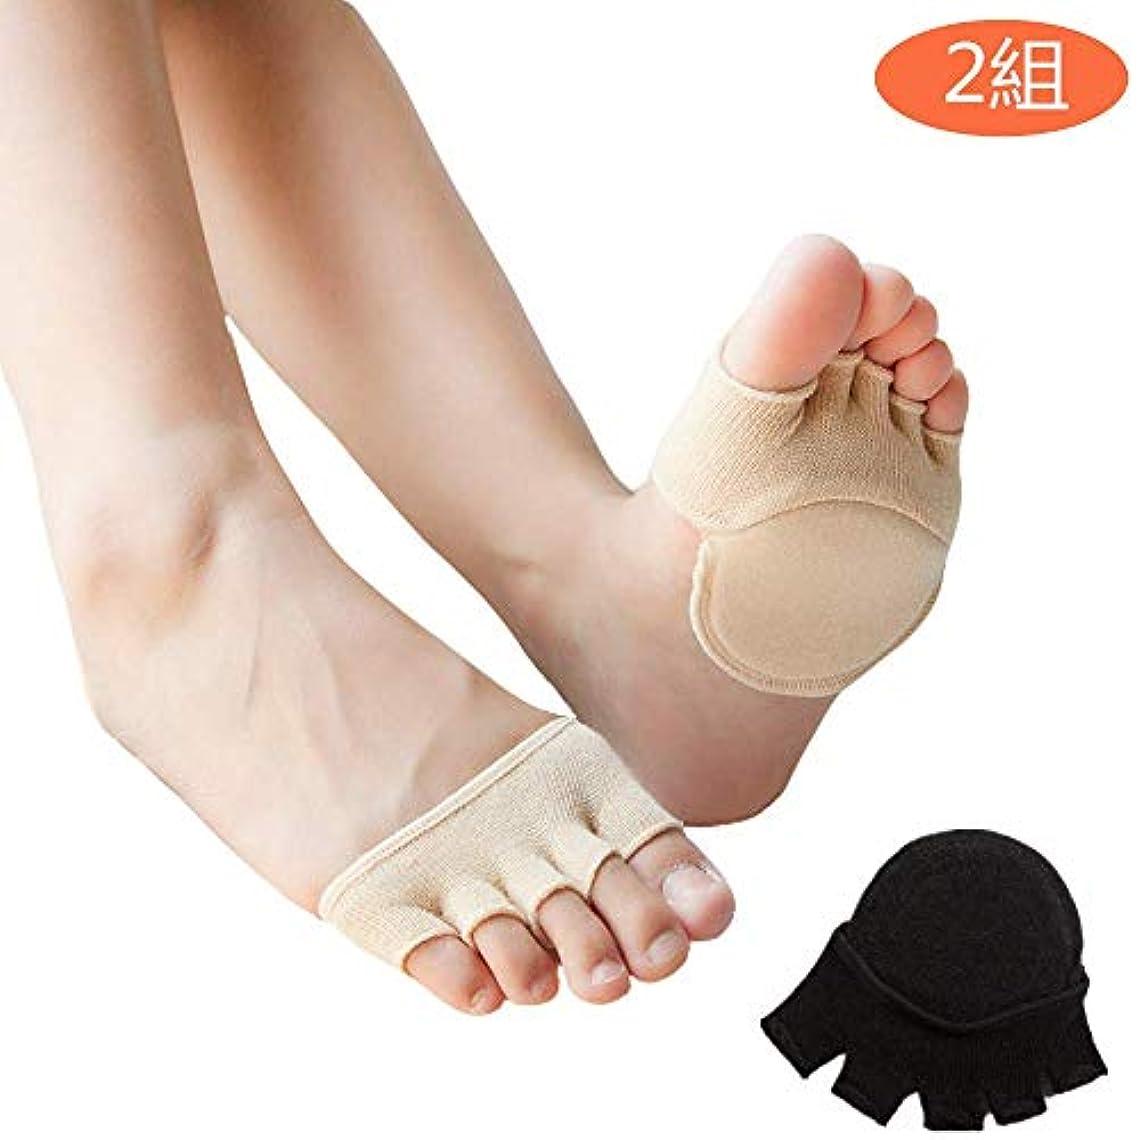 遺棄された召喚する預言者つま先 5本指 足底クッション付き 前足サポーター 足の臭い対策 フットカバー ヨガ用靴下 浅い靴下半分つま先 夏 超薄型 (2組)